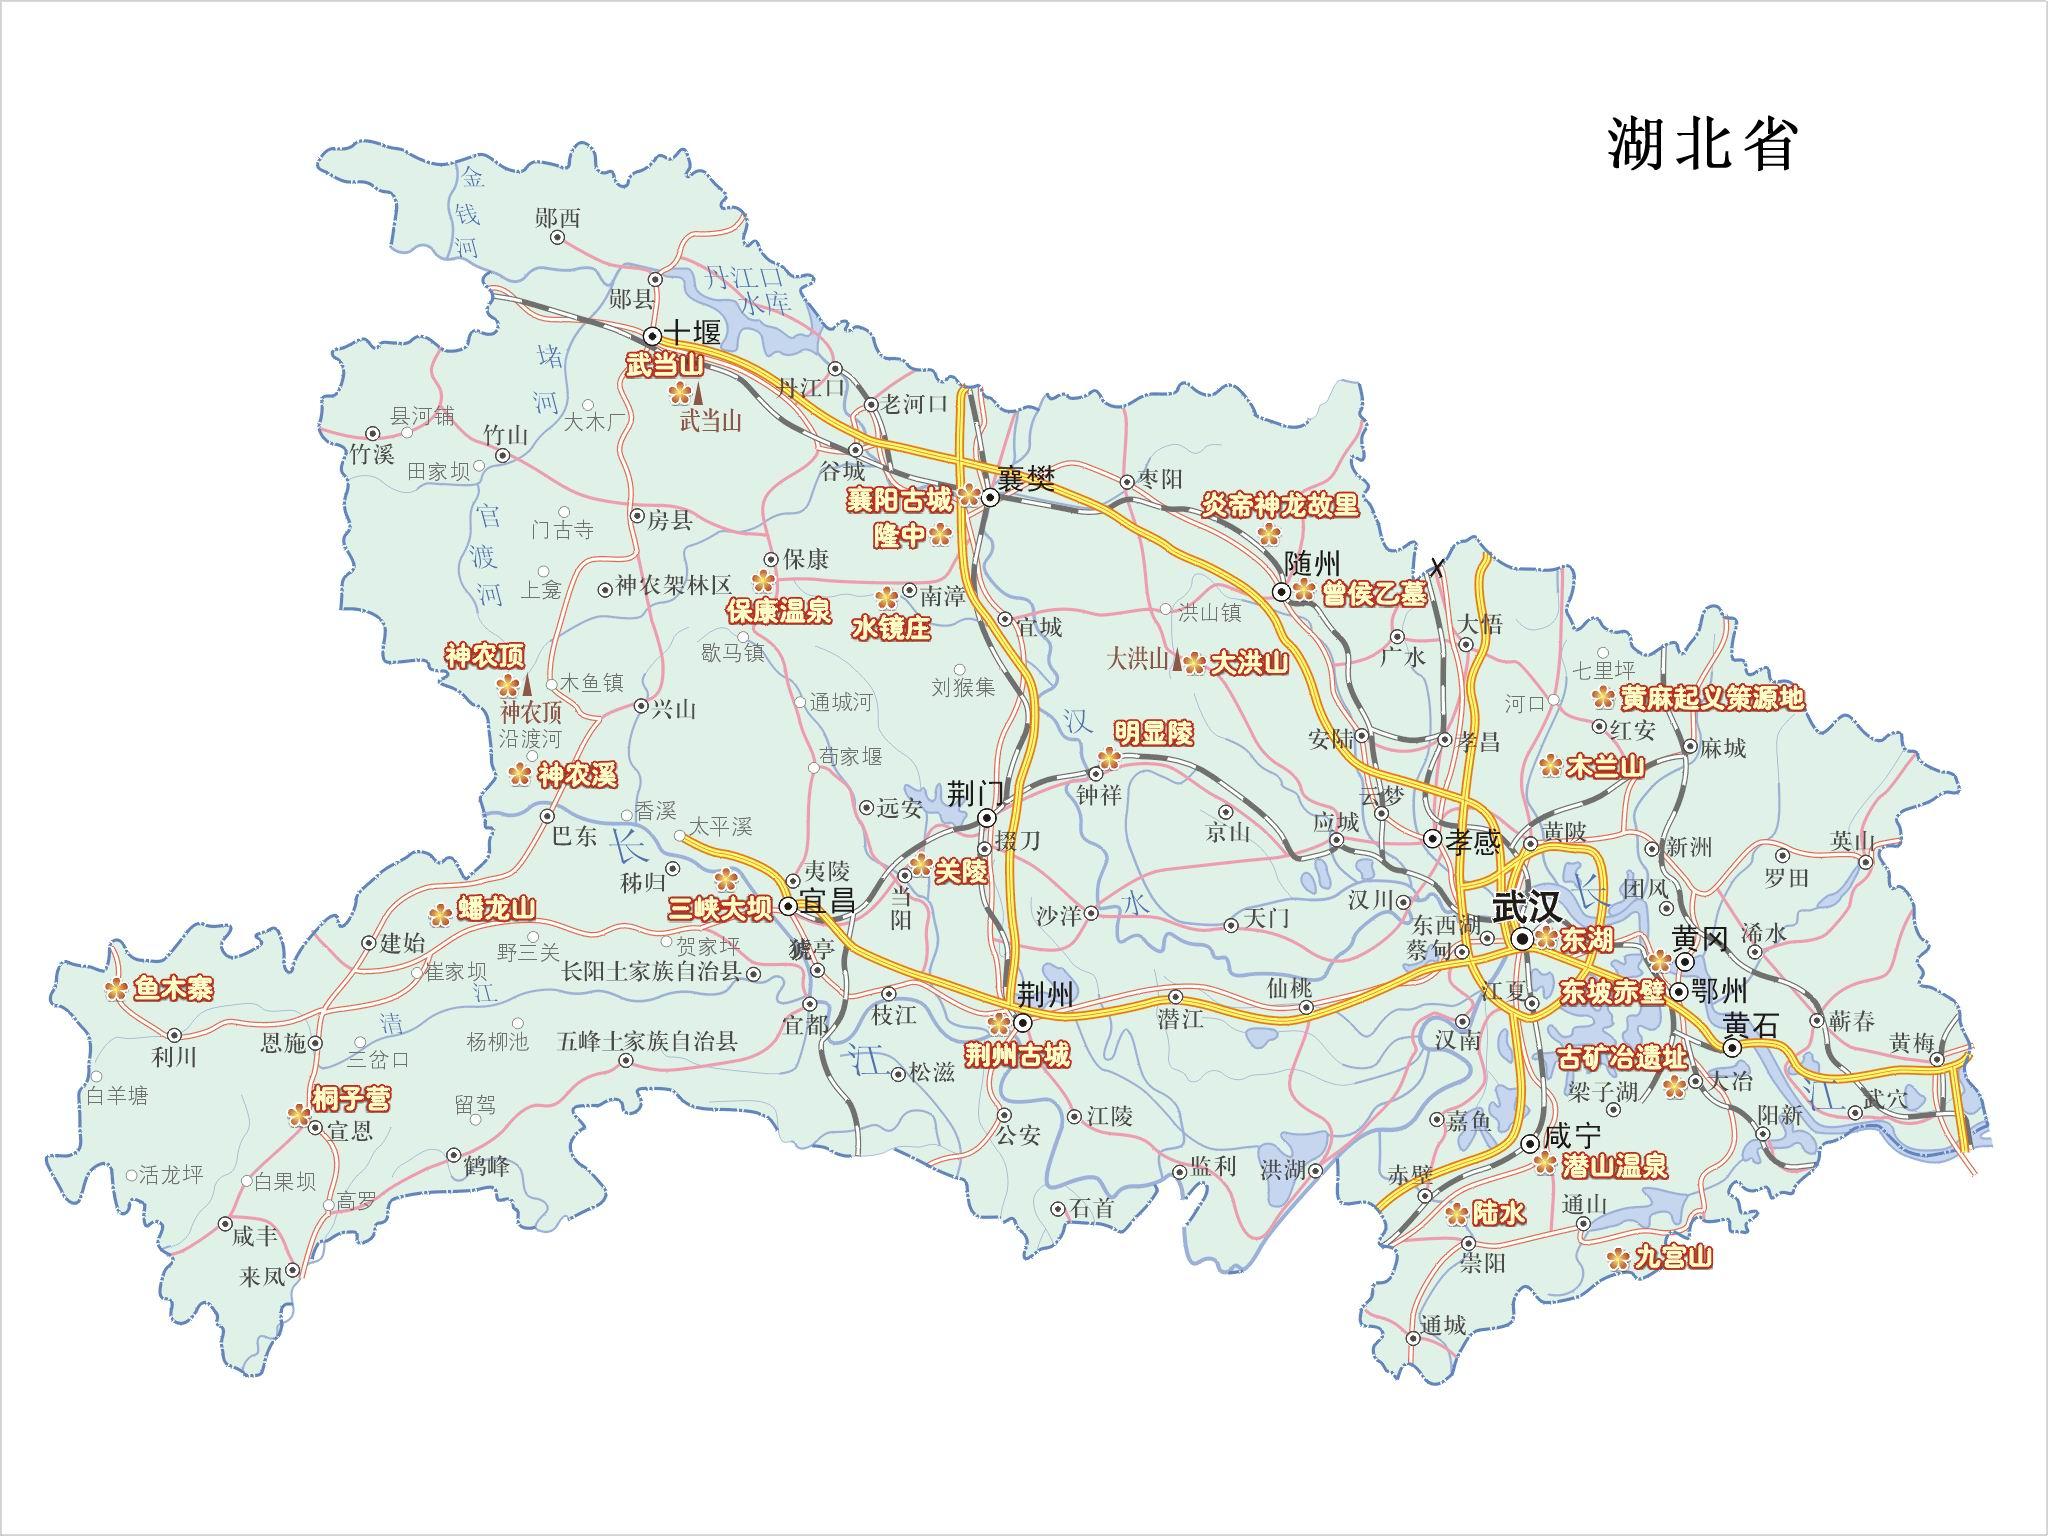 湖北省旅游景点分布图_湖北地图查询